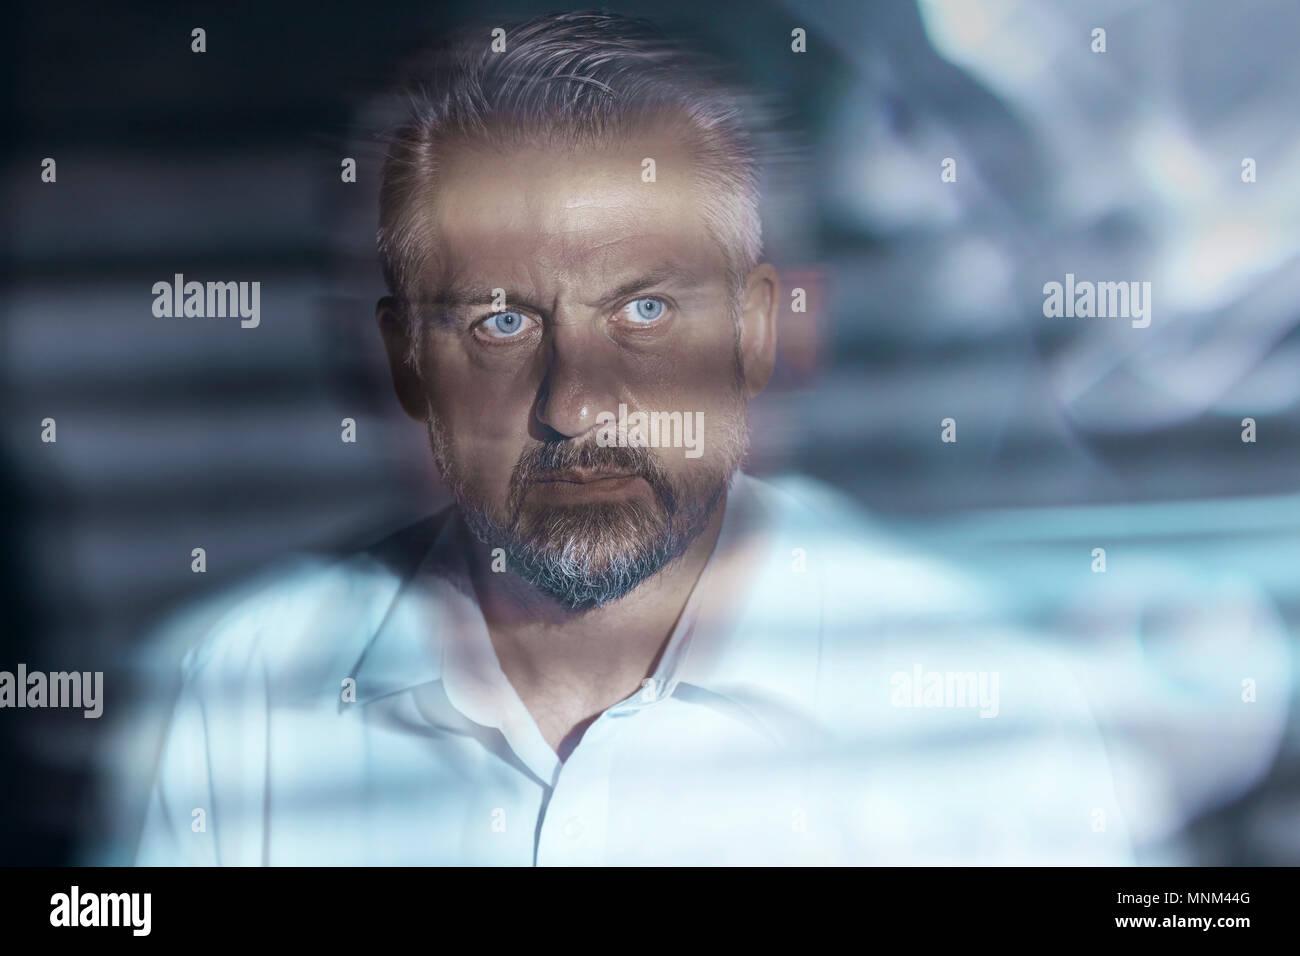 Cerrar borrosa de un hombre de mediana edad turbulenta la cara con los ojos abiertos. Depresión y enfermedad mental concepto. Foto de stock